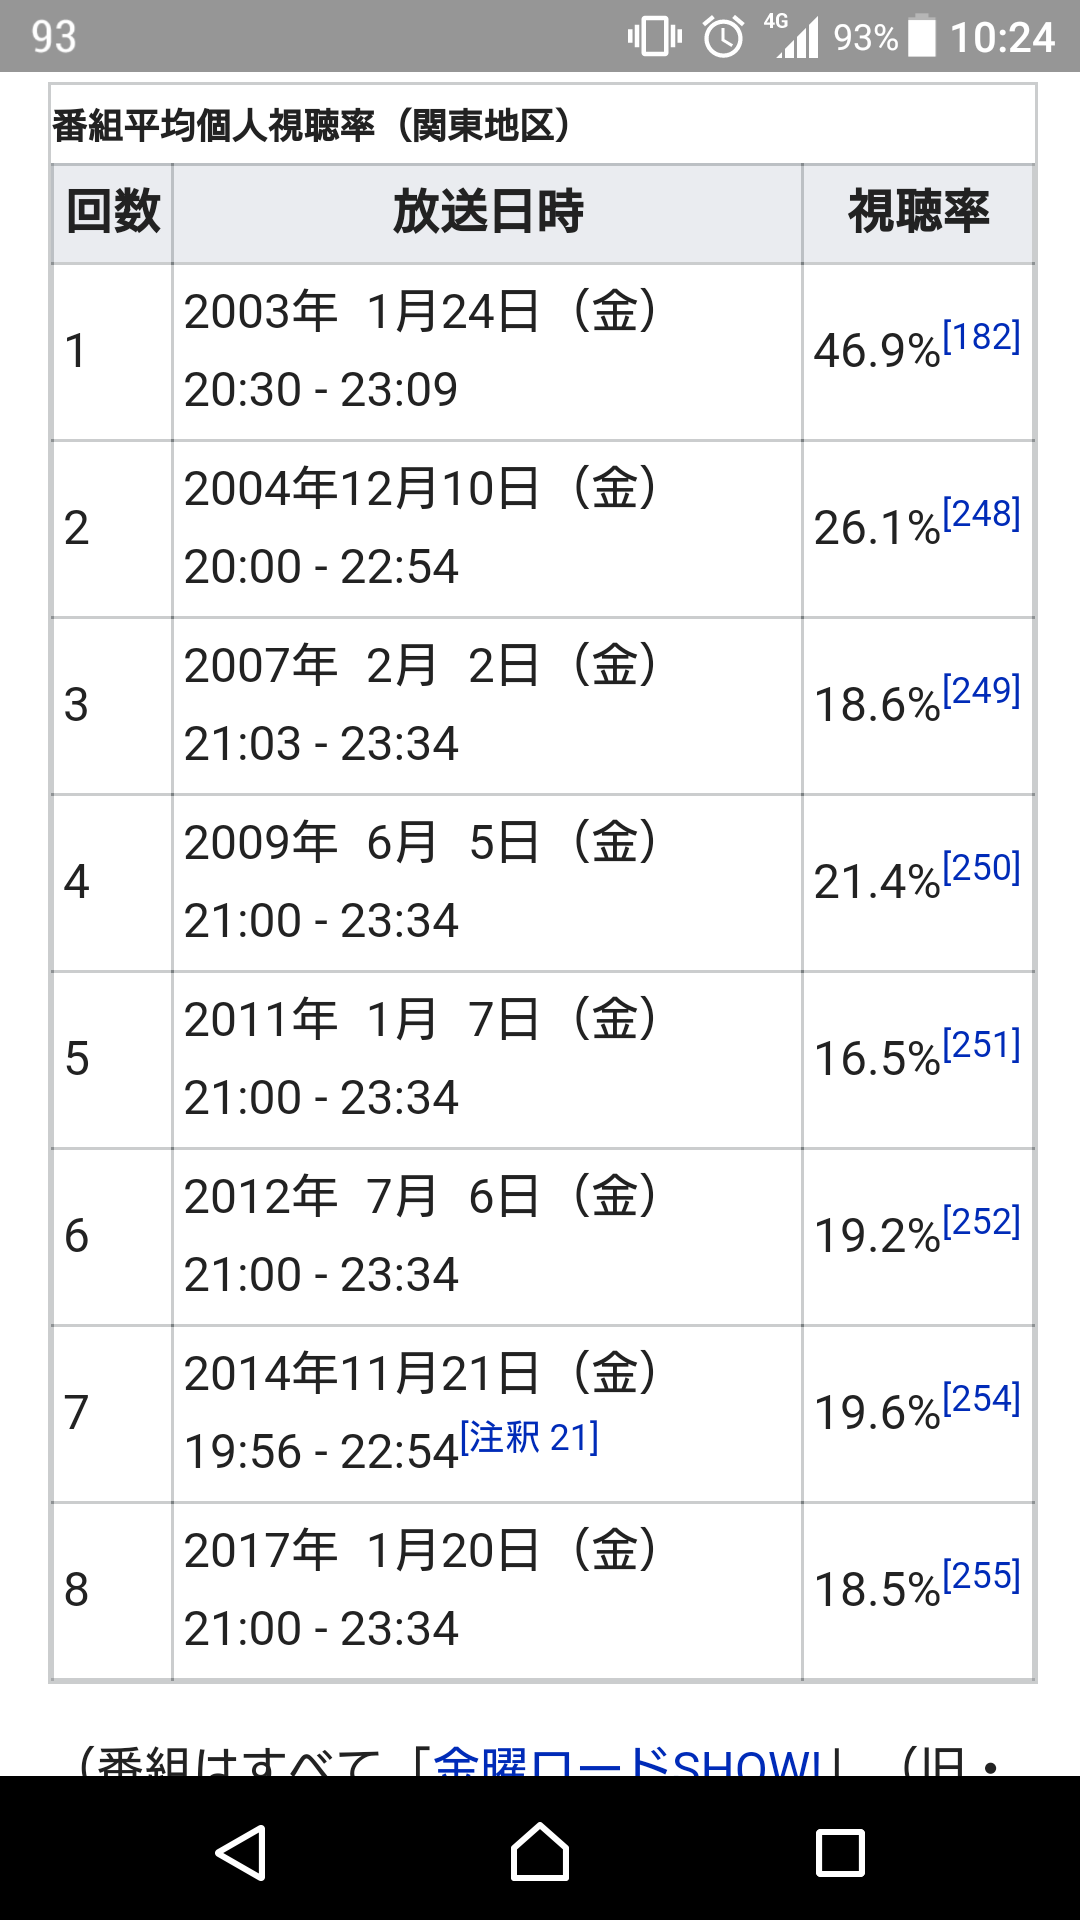 地上波初放送「君の名は。」高視聴率17.4%!「シン・ゴジラ」超え